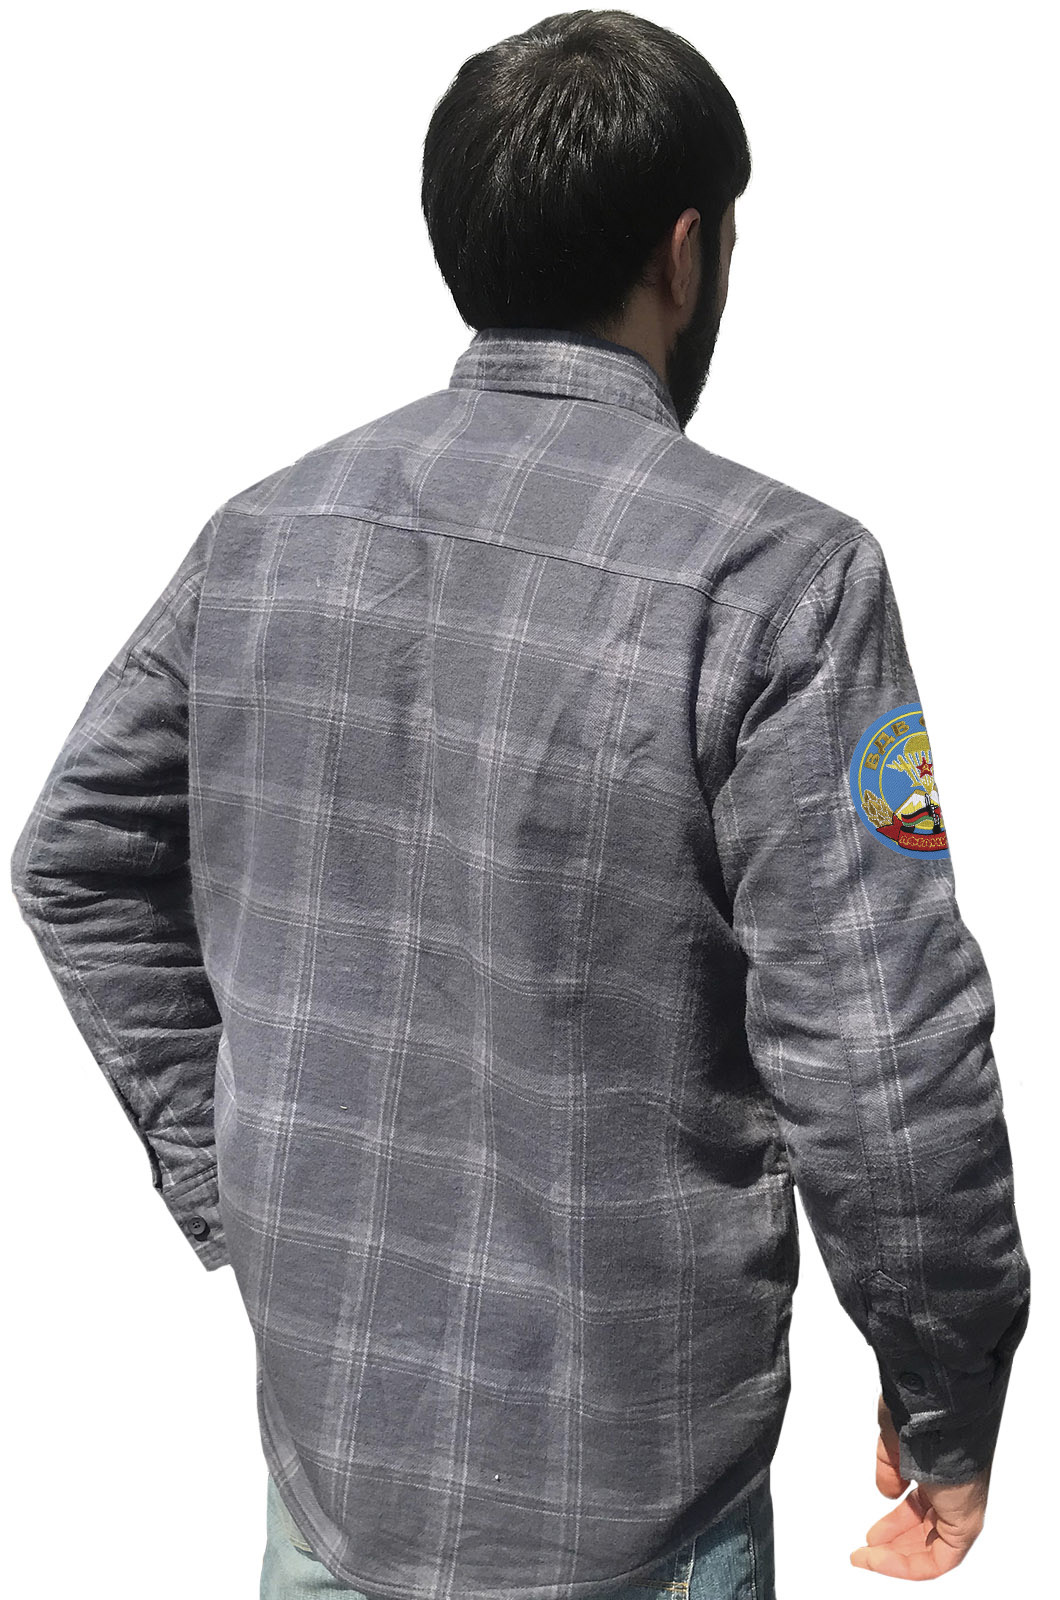 Купить утепленную рубашку с вышитым шевроном ВДВ СССР Афганистан оптом или в розницу